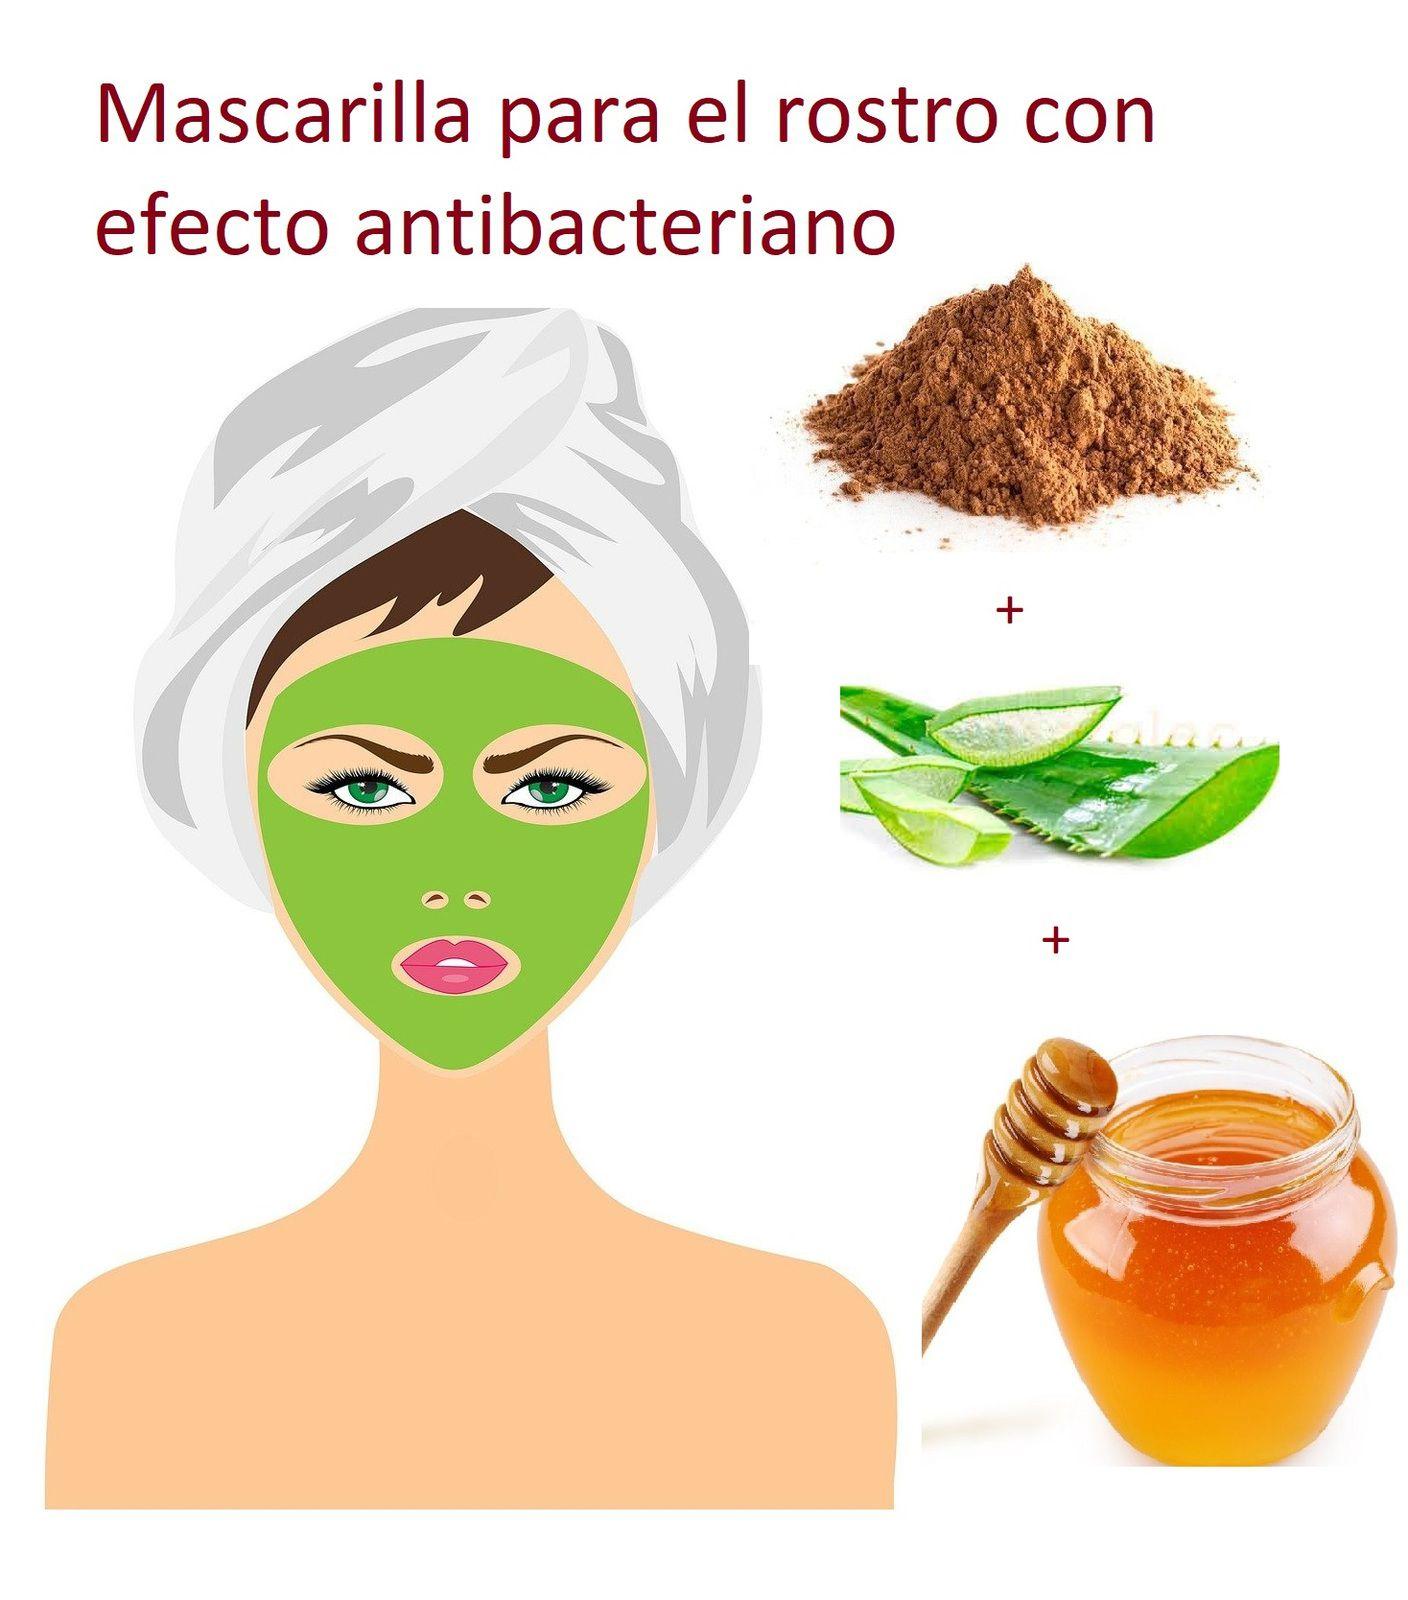 Mascarilla para el rostro con efecto antibacteriano